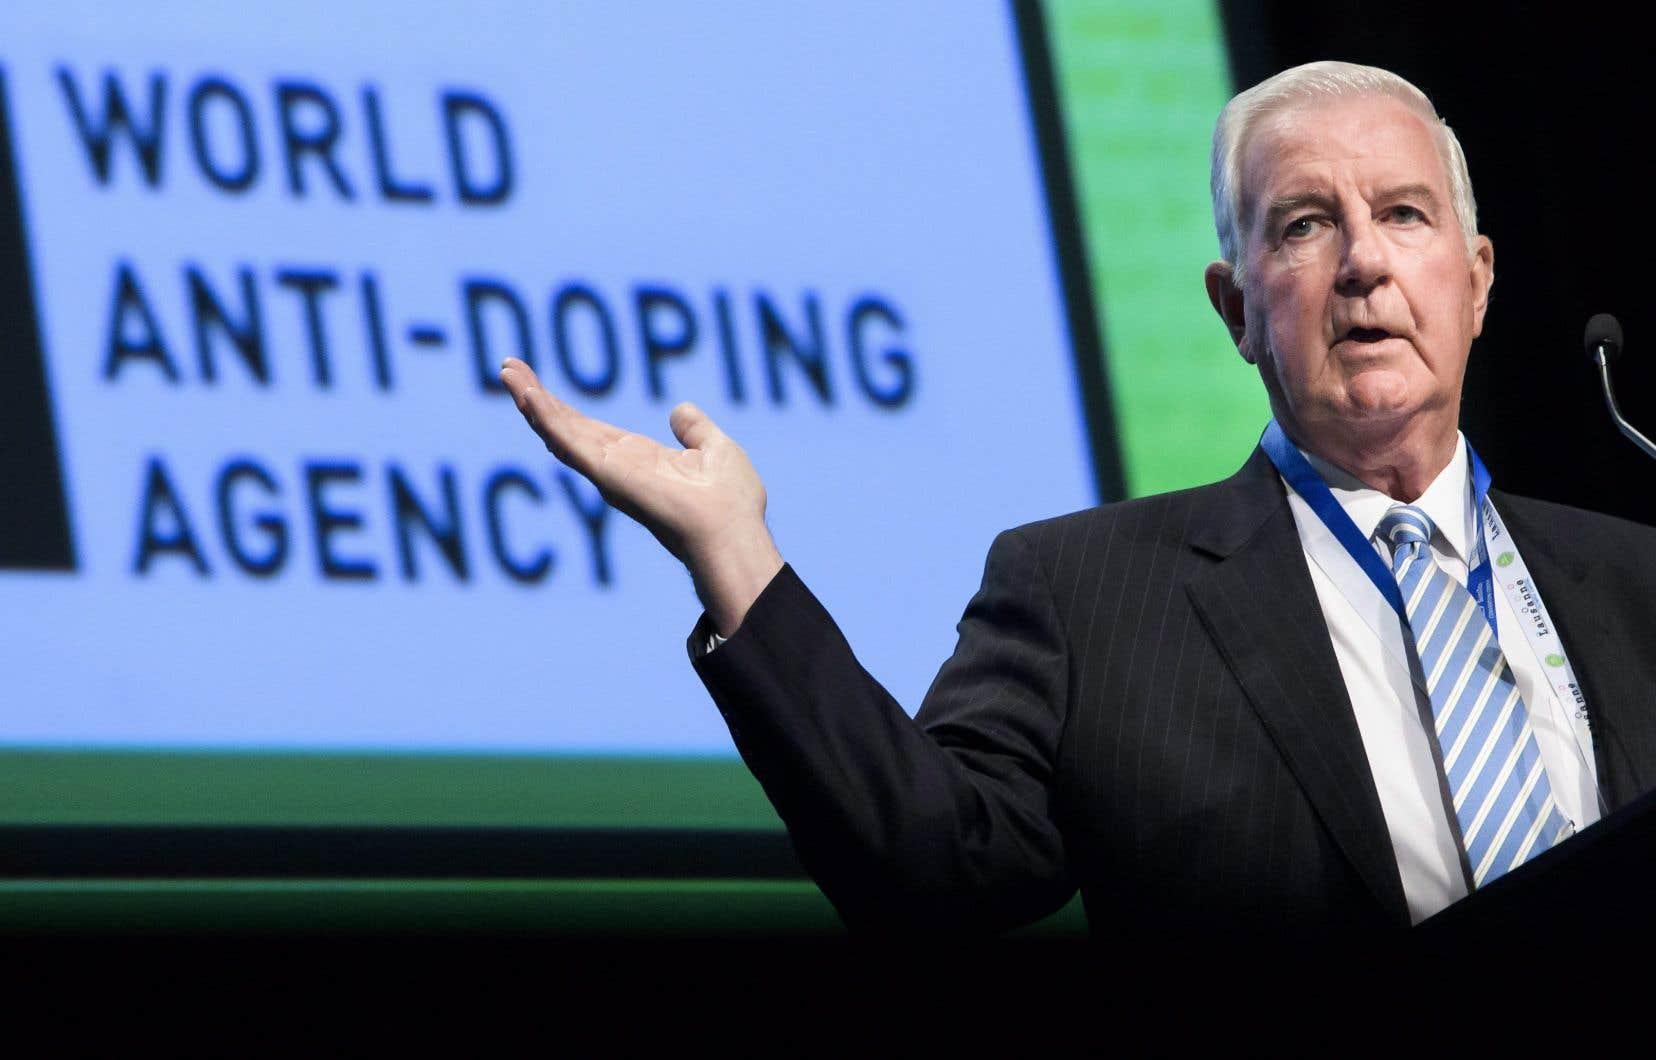 Le président de l'Agence mondiale antidopage, Craig Reedie